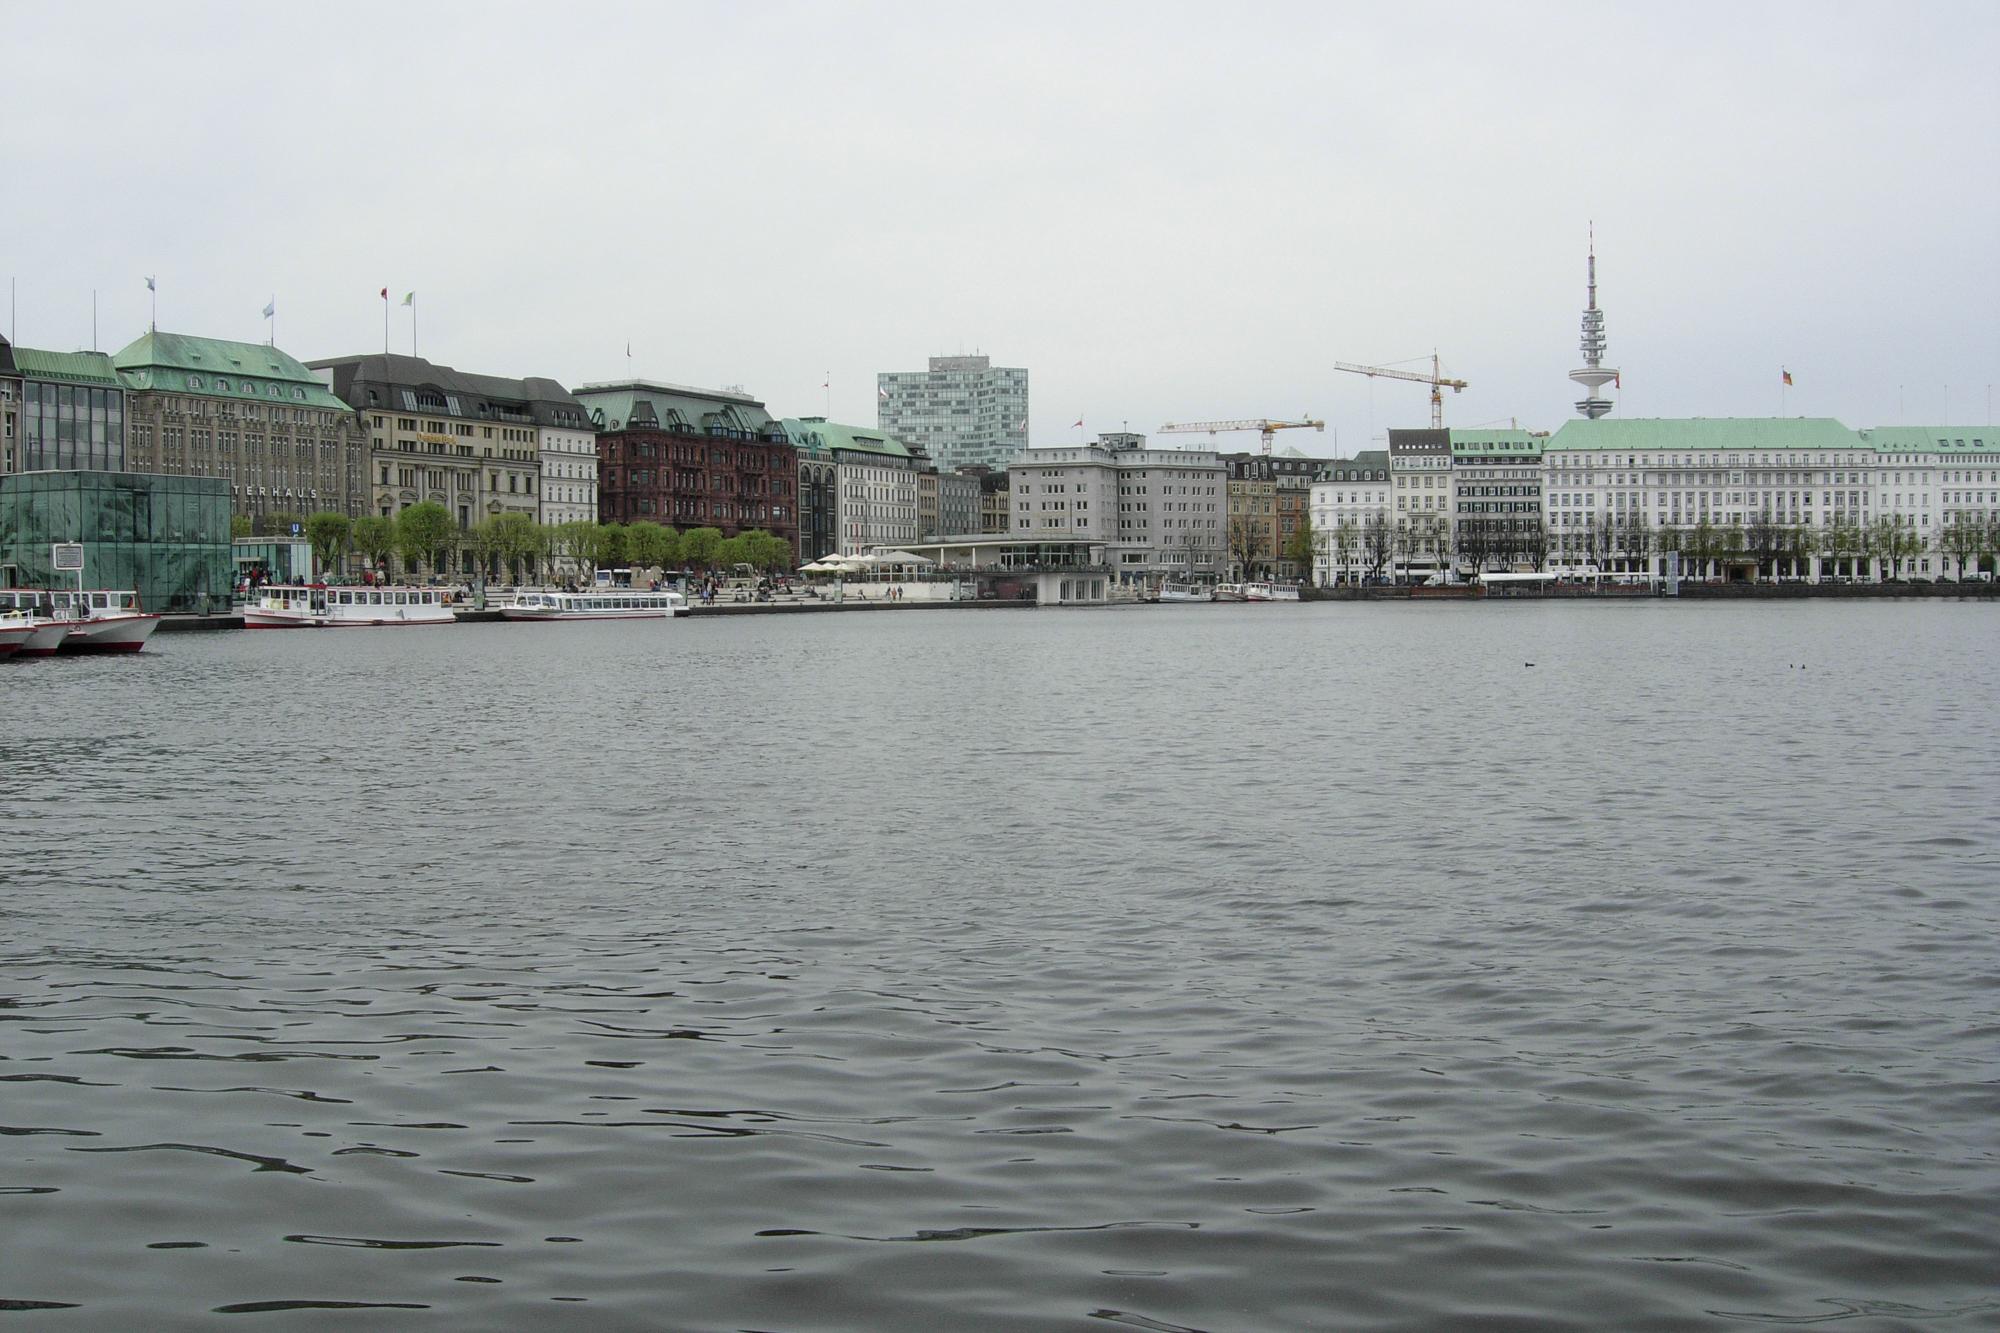 Binnealster lakefront